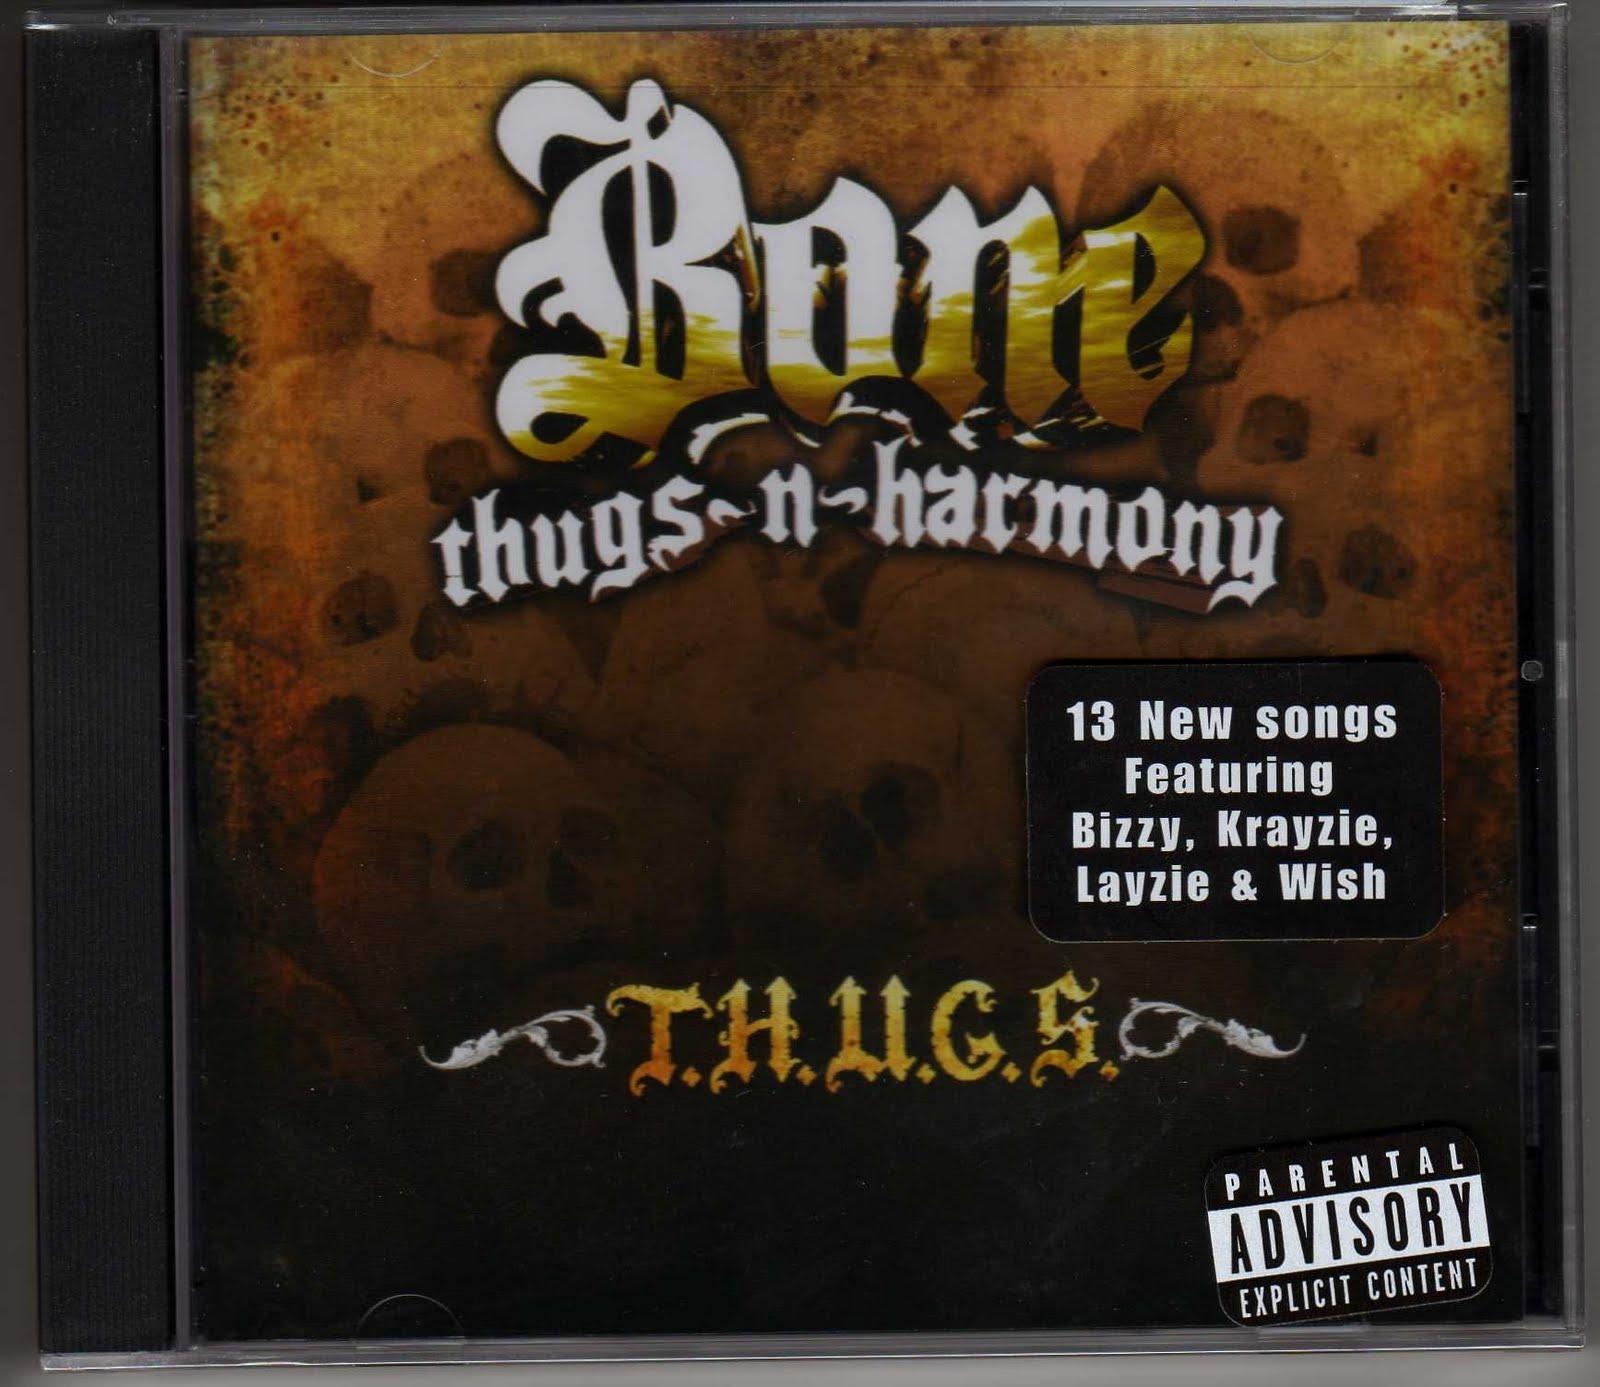 http://1.bp.blogspot.com/_IXe2z8hItAg/TJ1GL1zaImI/AAAAAAAAB90/nDjx5kr0RJA/s1600/00-bone_thugs-n-harmony-t.h.u.g.s.-2007-(front1).jpg